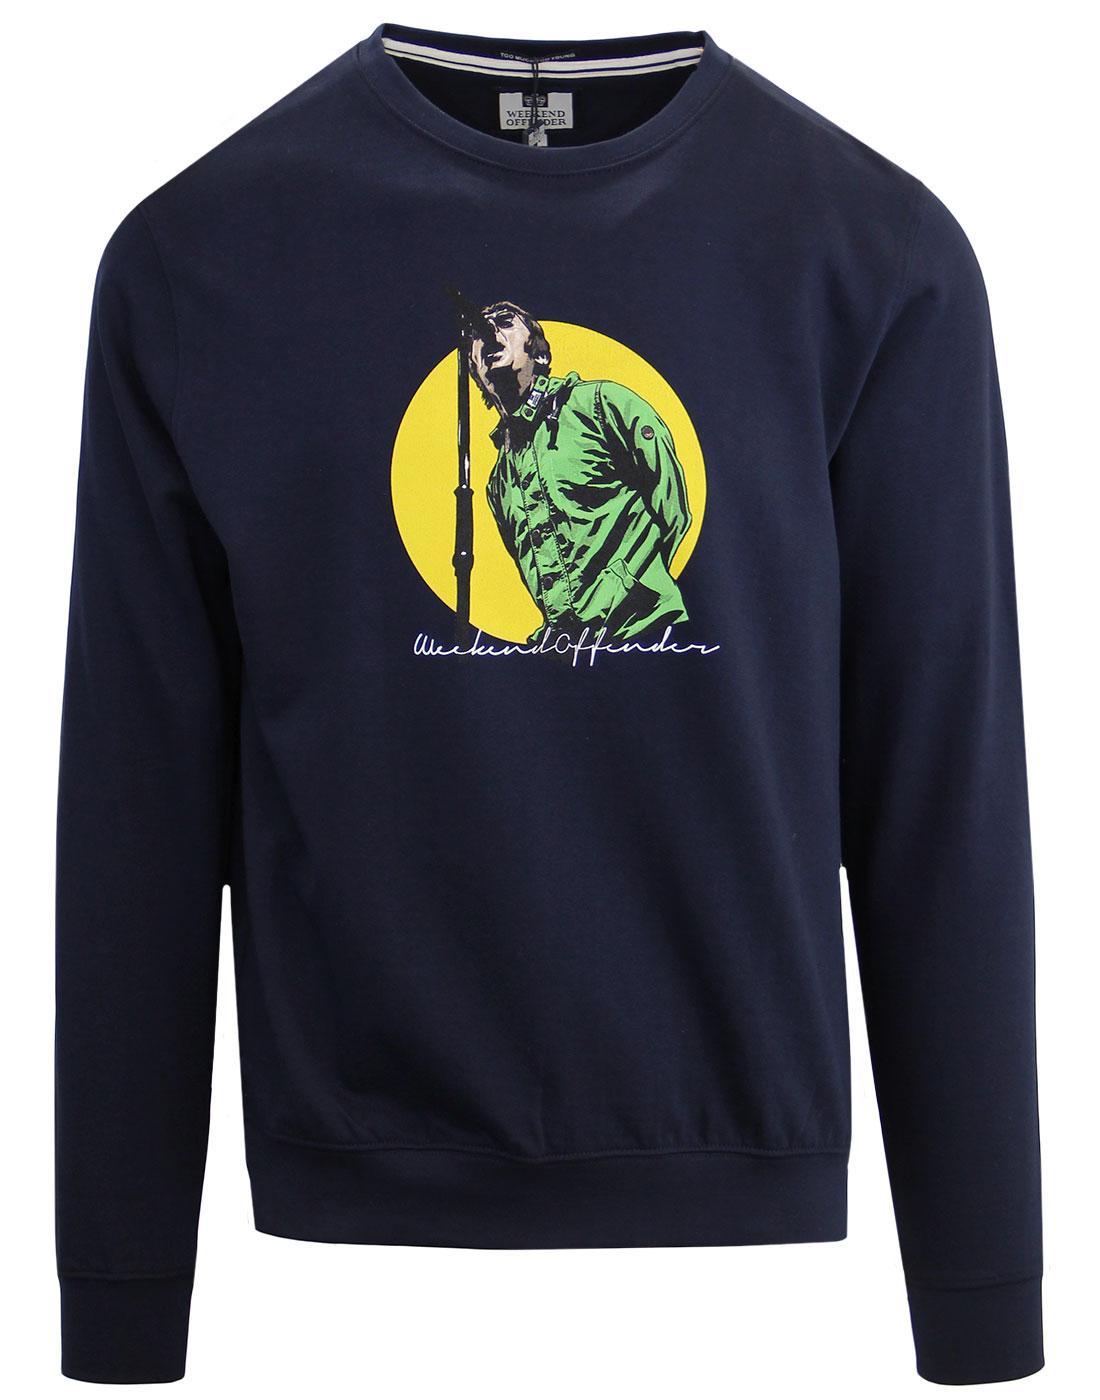 Liam WEEKEND OFFENDER Liam Gallagher Sweatshirt